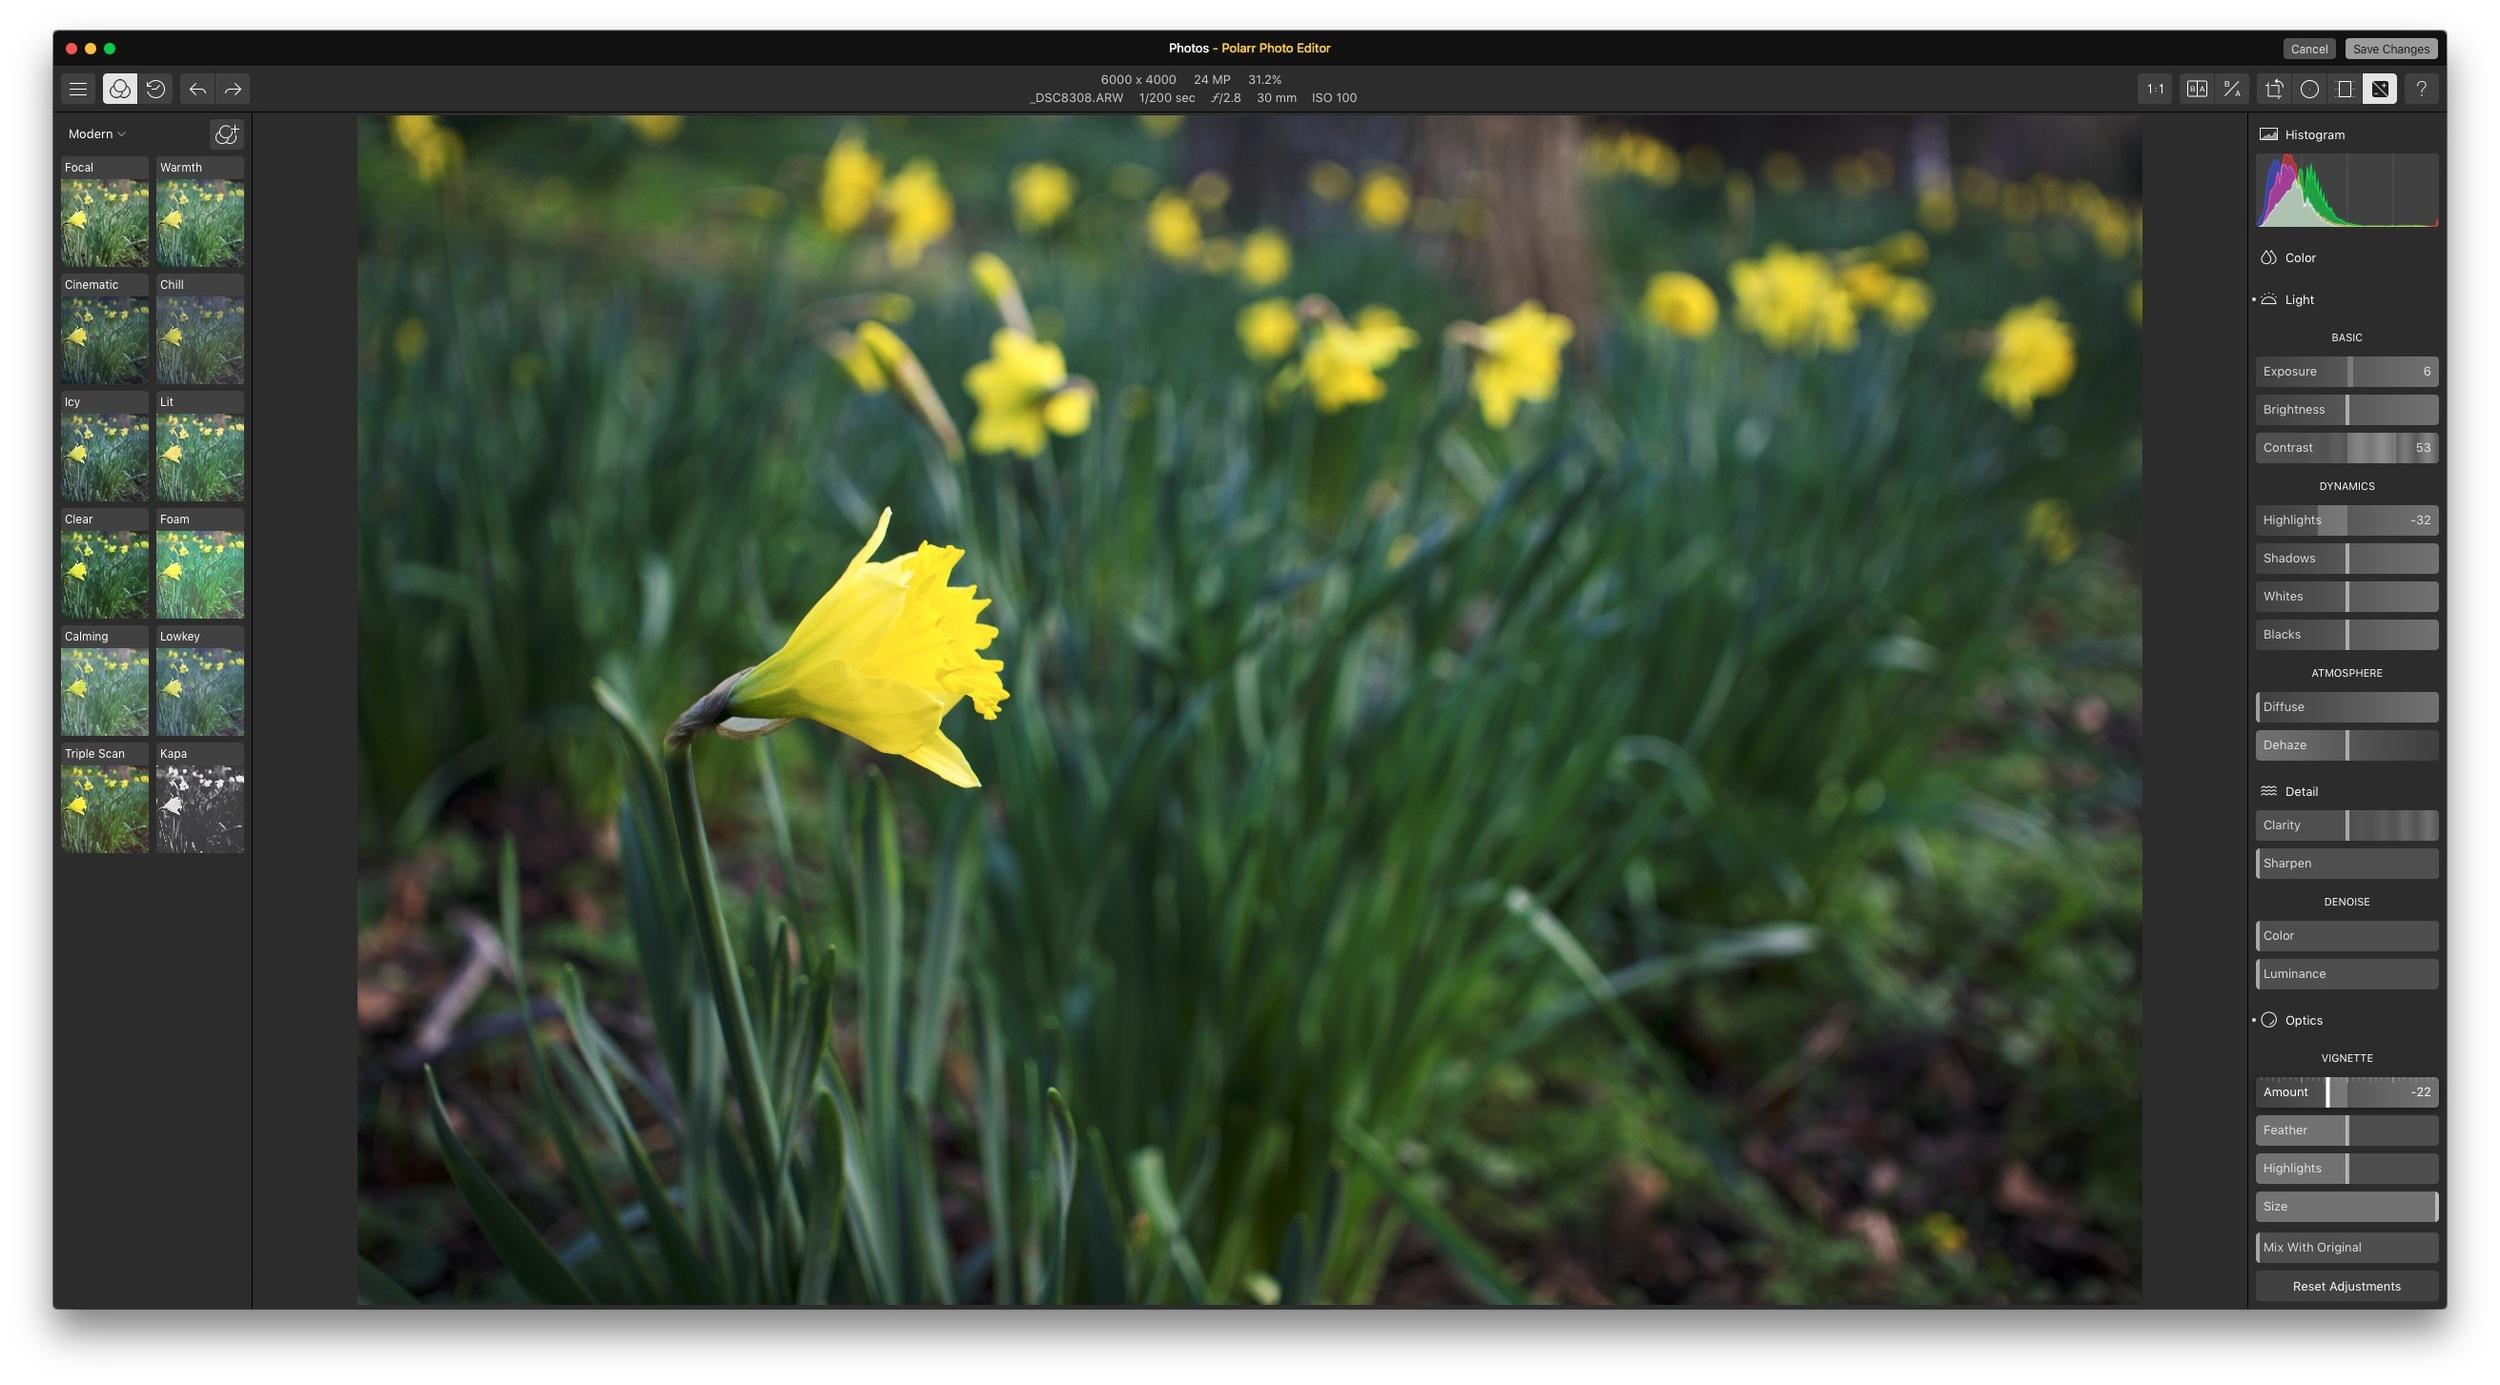 Polarr Photo Editor as a Photos Edit Extension